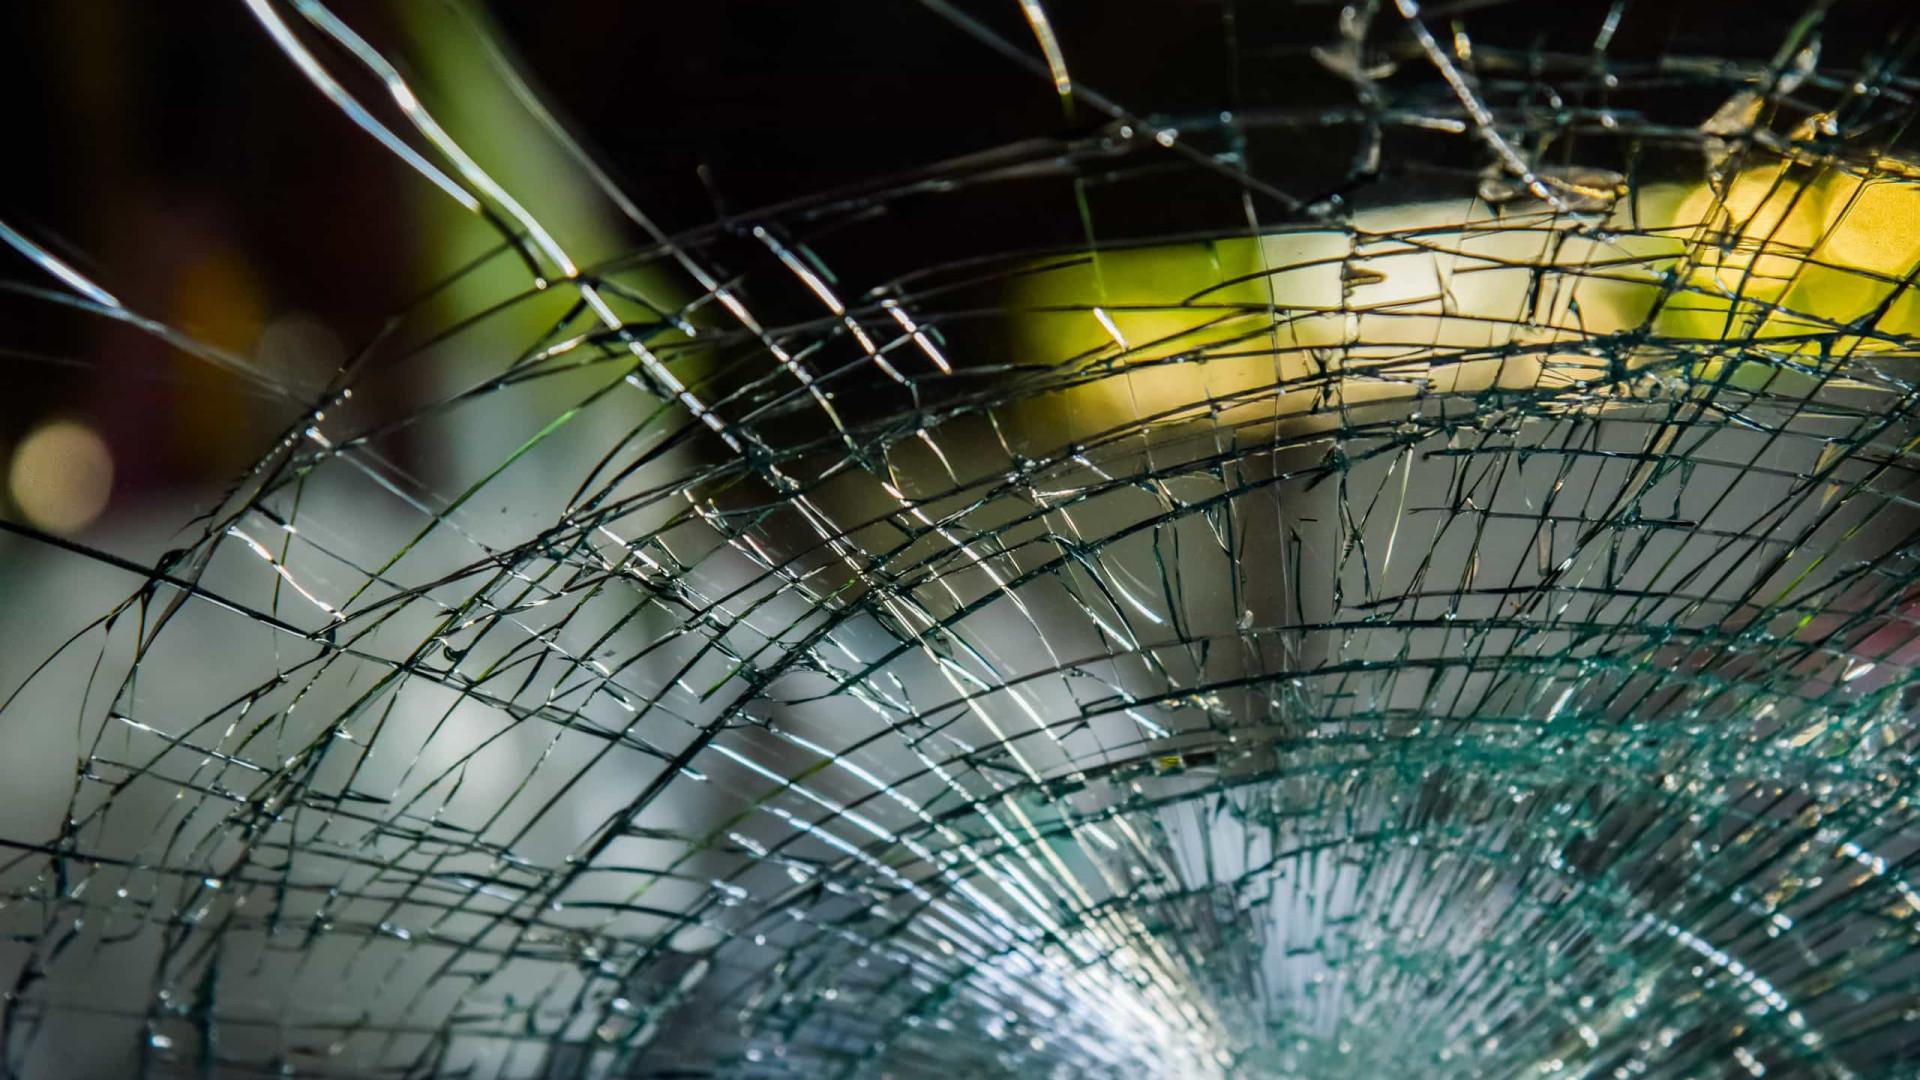 EUA: Idosa sobrevive após ser atingida na cabeça por tartaruga 'voadora'